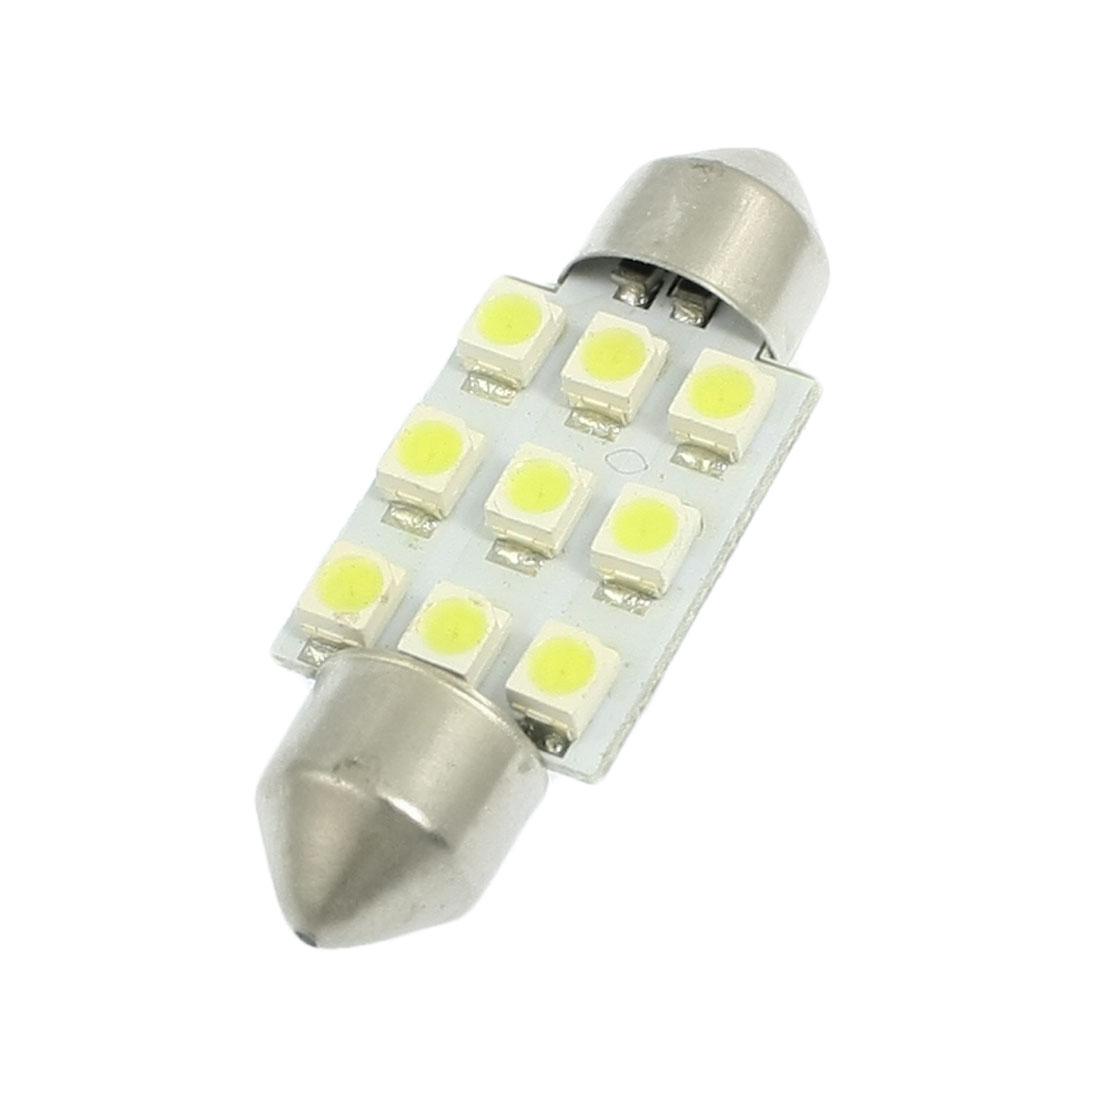 Car Interior White 1210 SMD 9 LED Bulb Dome Light Lamp 36mm DC 12V